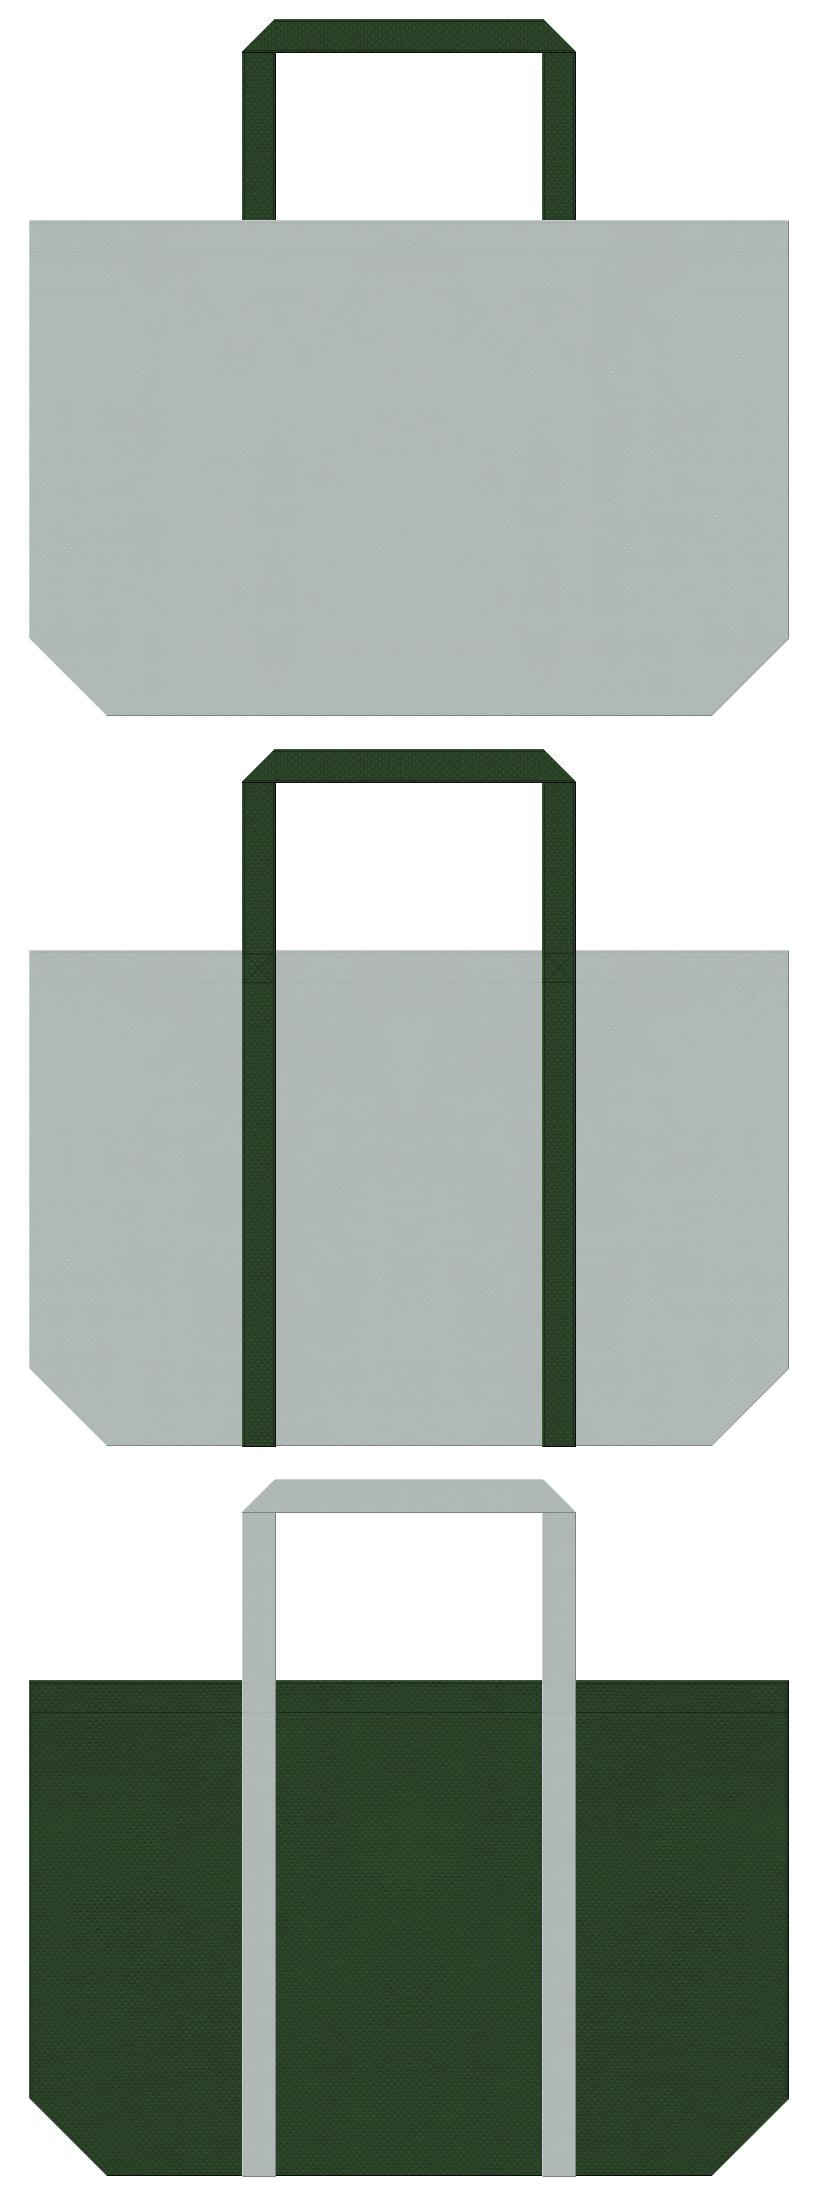 グレー色と濃緑色の不織布バッグデザイン。屋上緑化・壁面緑化の展示会用バッグにお奨めの配色です。